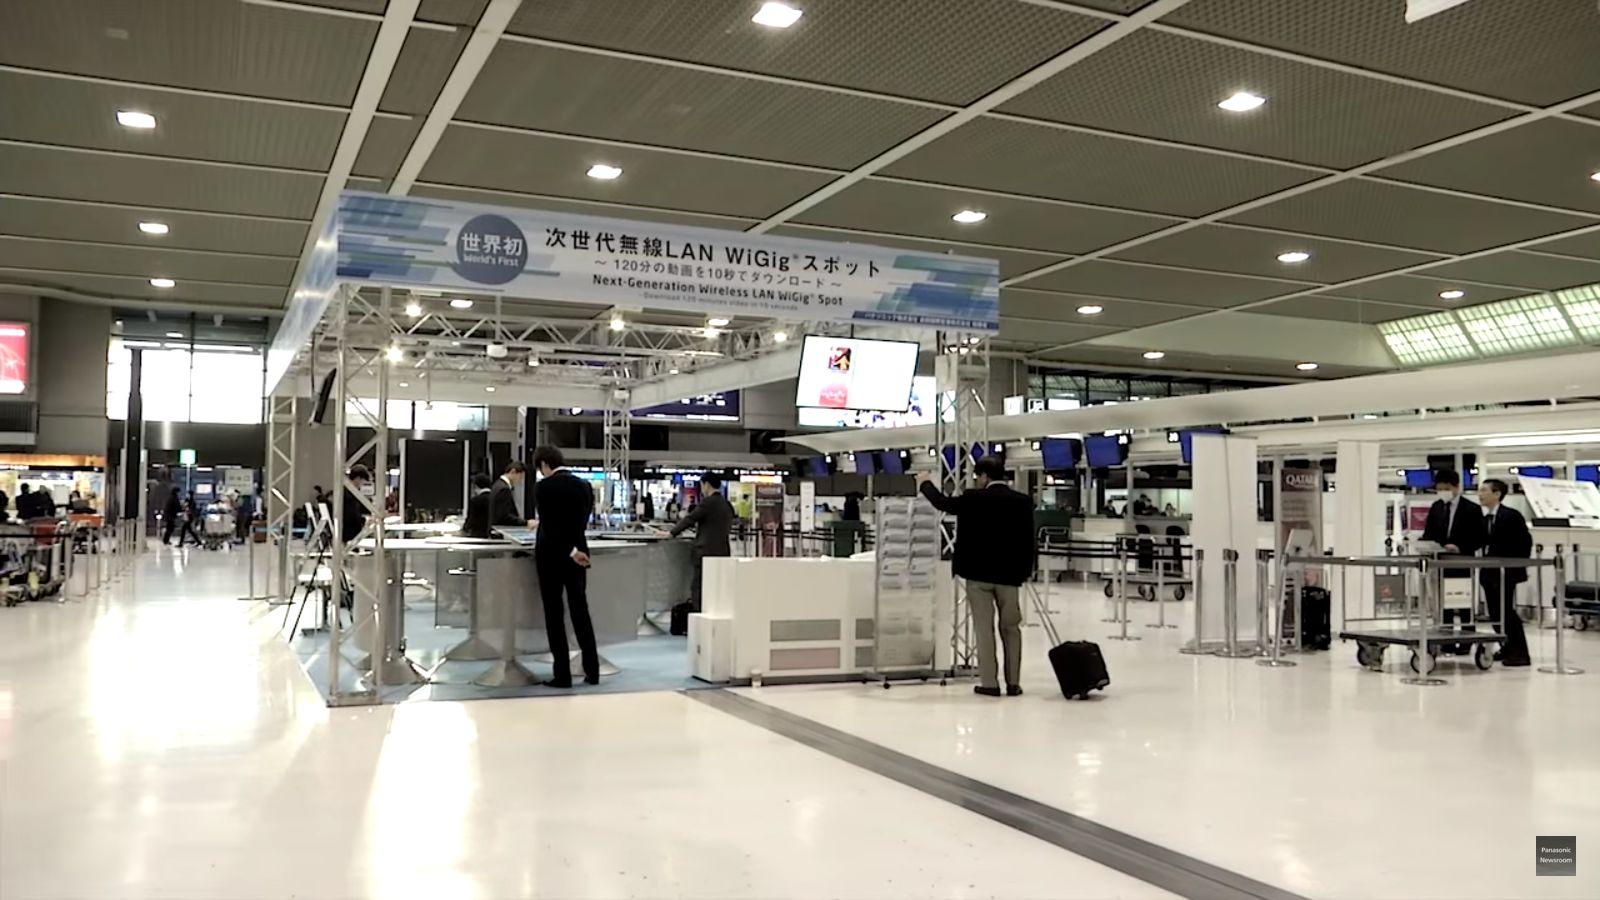 成田空港に期間限定で登場!世界初 次世代無線LAN WiGig(R)スポット